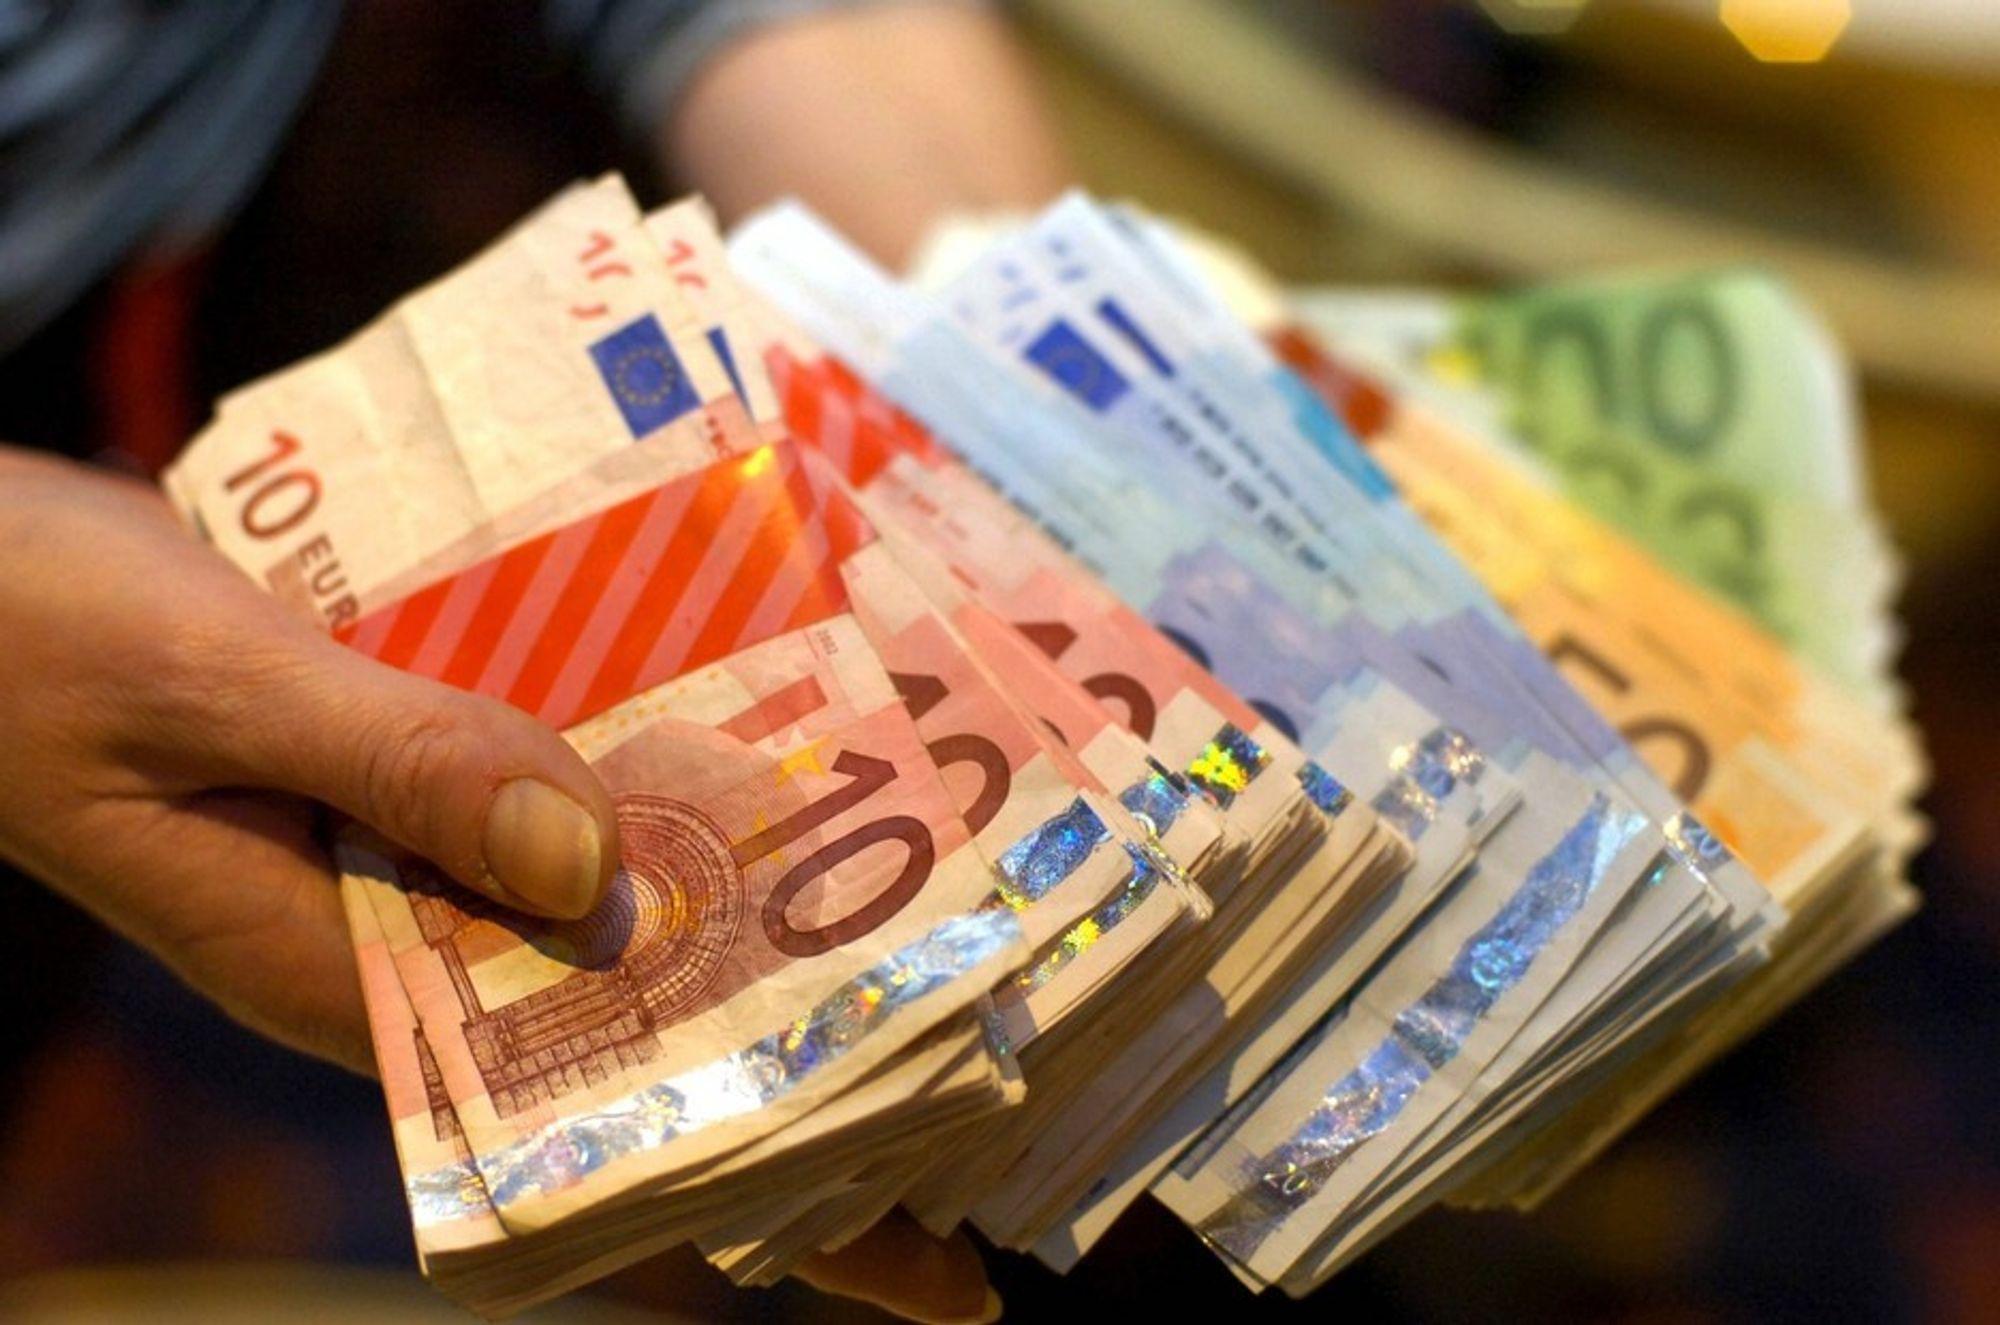 INVESTORJAKT: Mange gründere trenger folk med penger og investorlyst for å få realisert ideene sine.